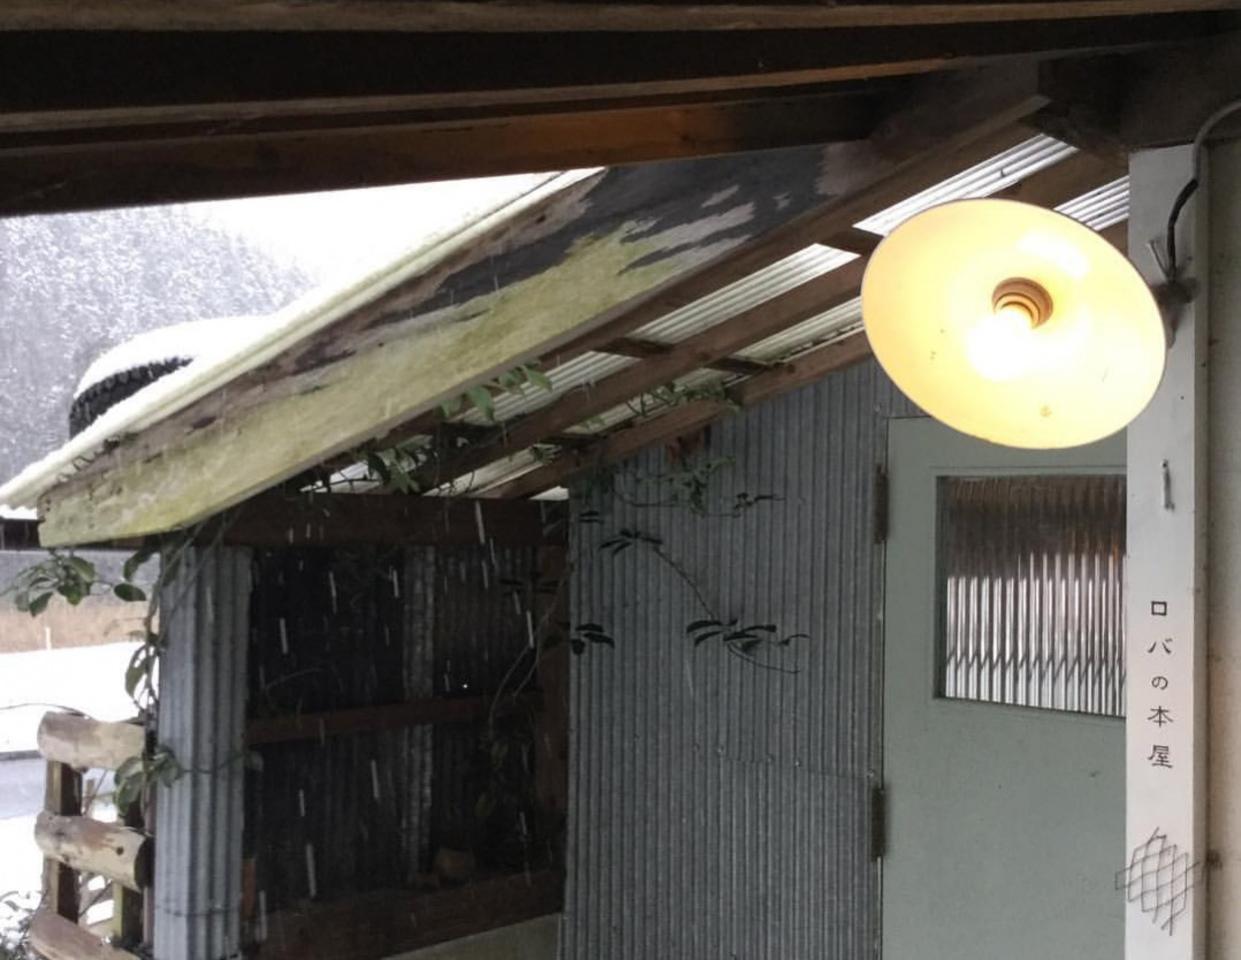 俵山のすみっこにある本屋と喫茶...山口県長門市俵山の『ロバの本屋』